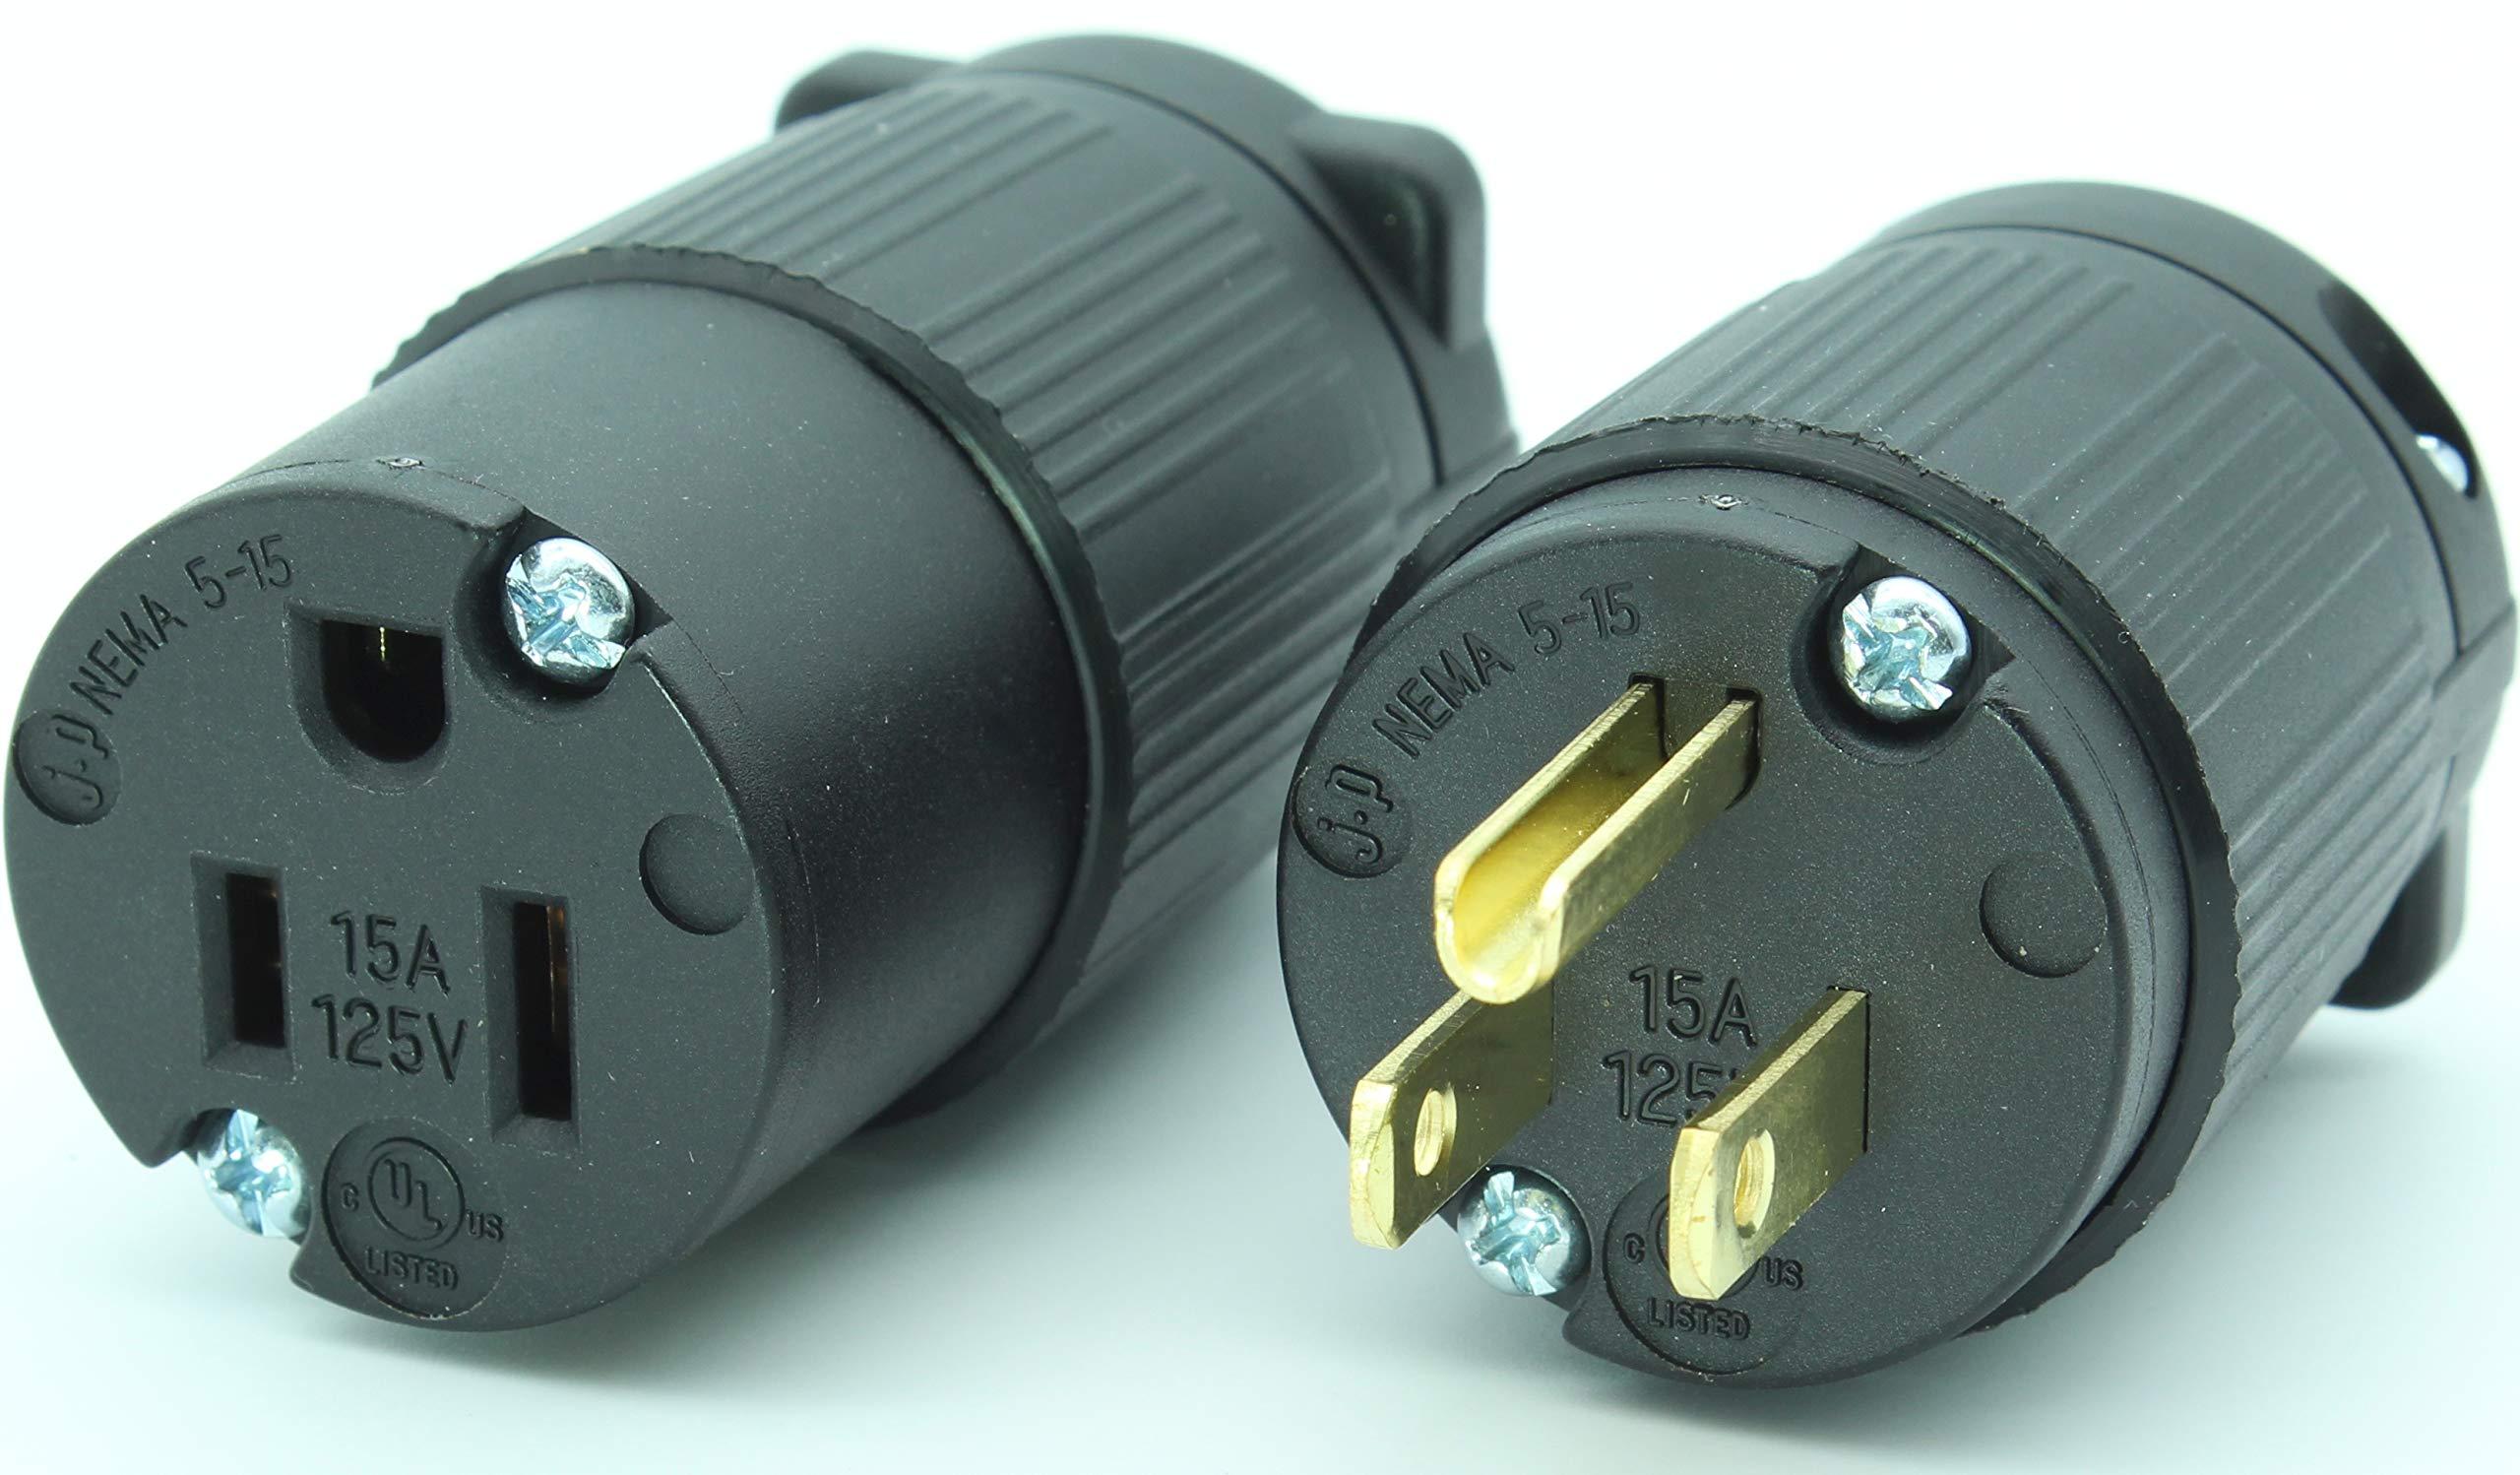 Journeyman-Pro 515PC Plug & Connector Set 15 Amp 120-125 Volt, NEMA 5-15P + 5-15C, 2Pole 3Wire, Straight Blade, Male & Female Replacement Cord End, Commercial Grade PVC Black (5)